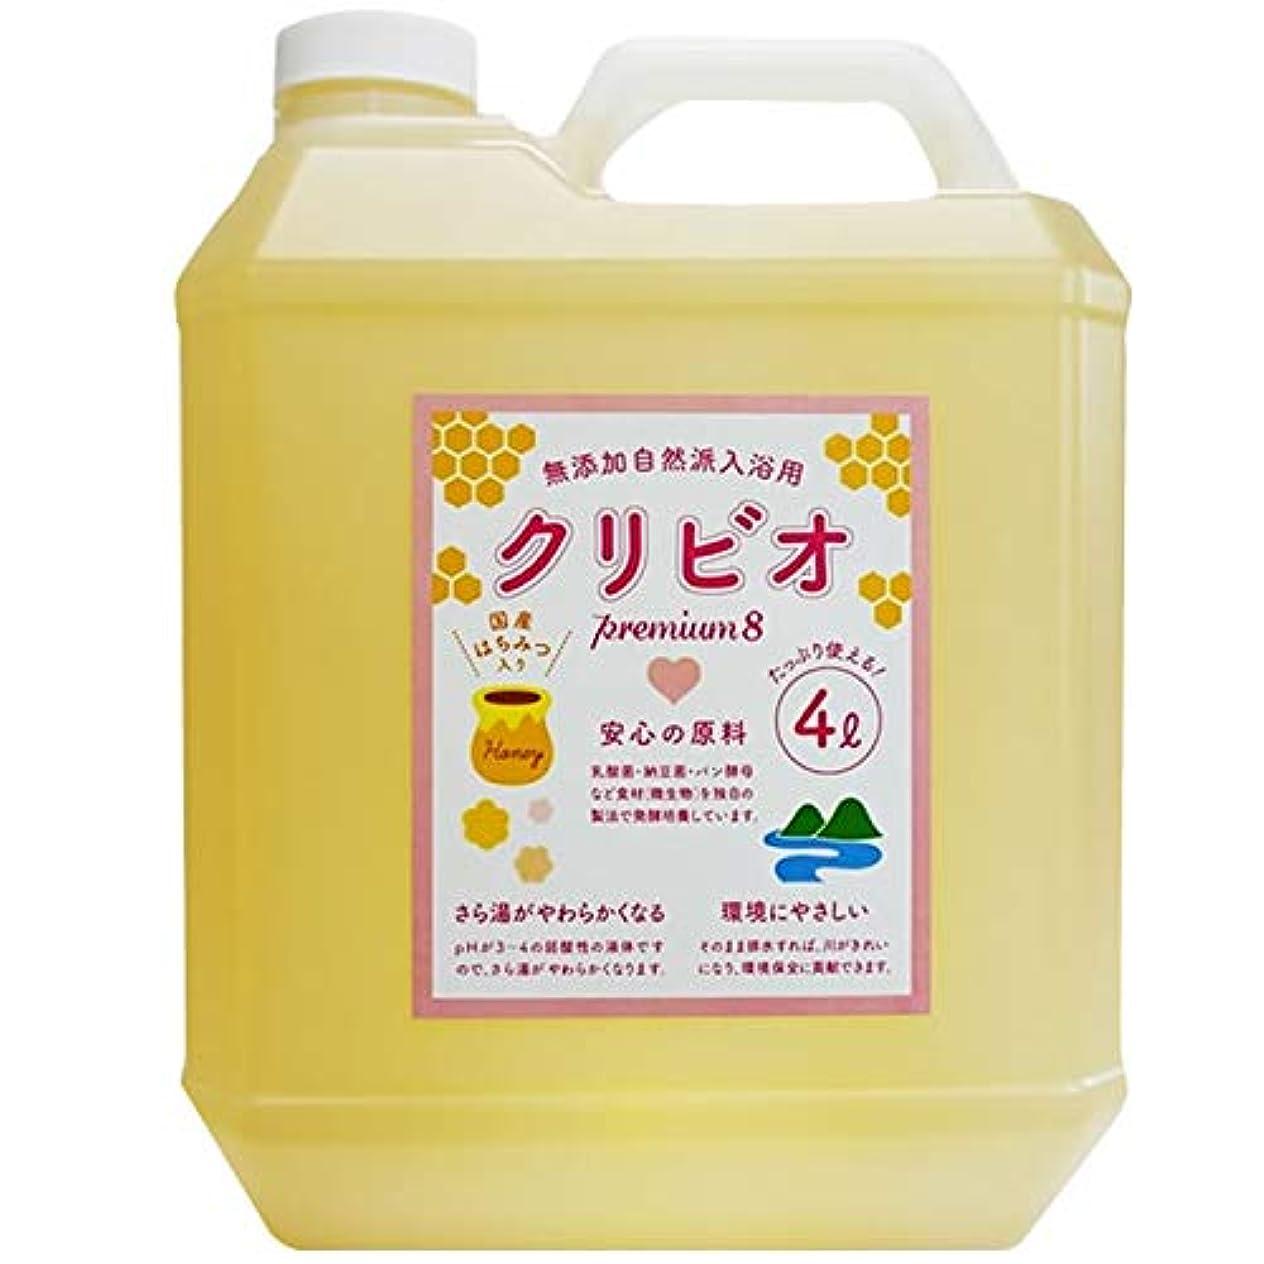 記念碑多数の多年生国産蜂蜜乳酸菌入り 自然派入浴用クリビオpremium8 4リットルお徳用*計量カップ?L型ノズル付【無添加】